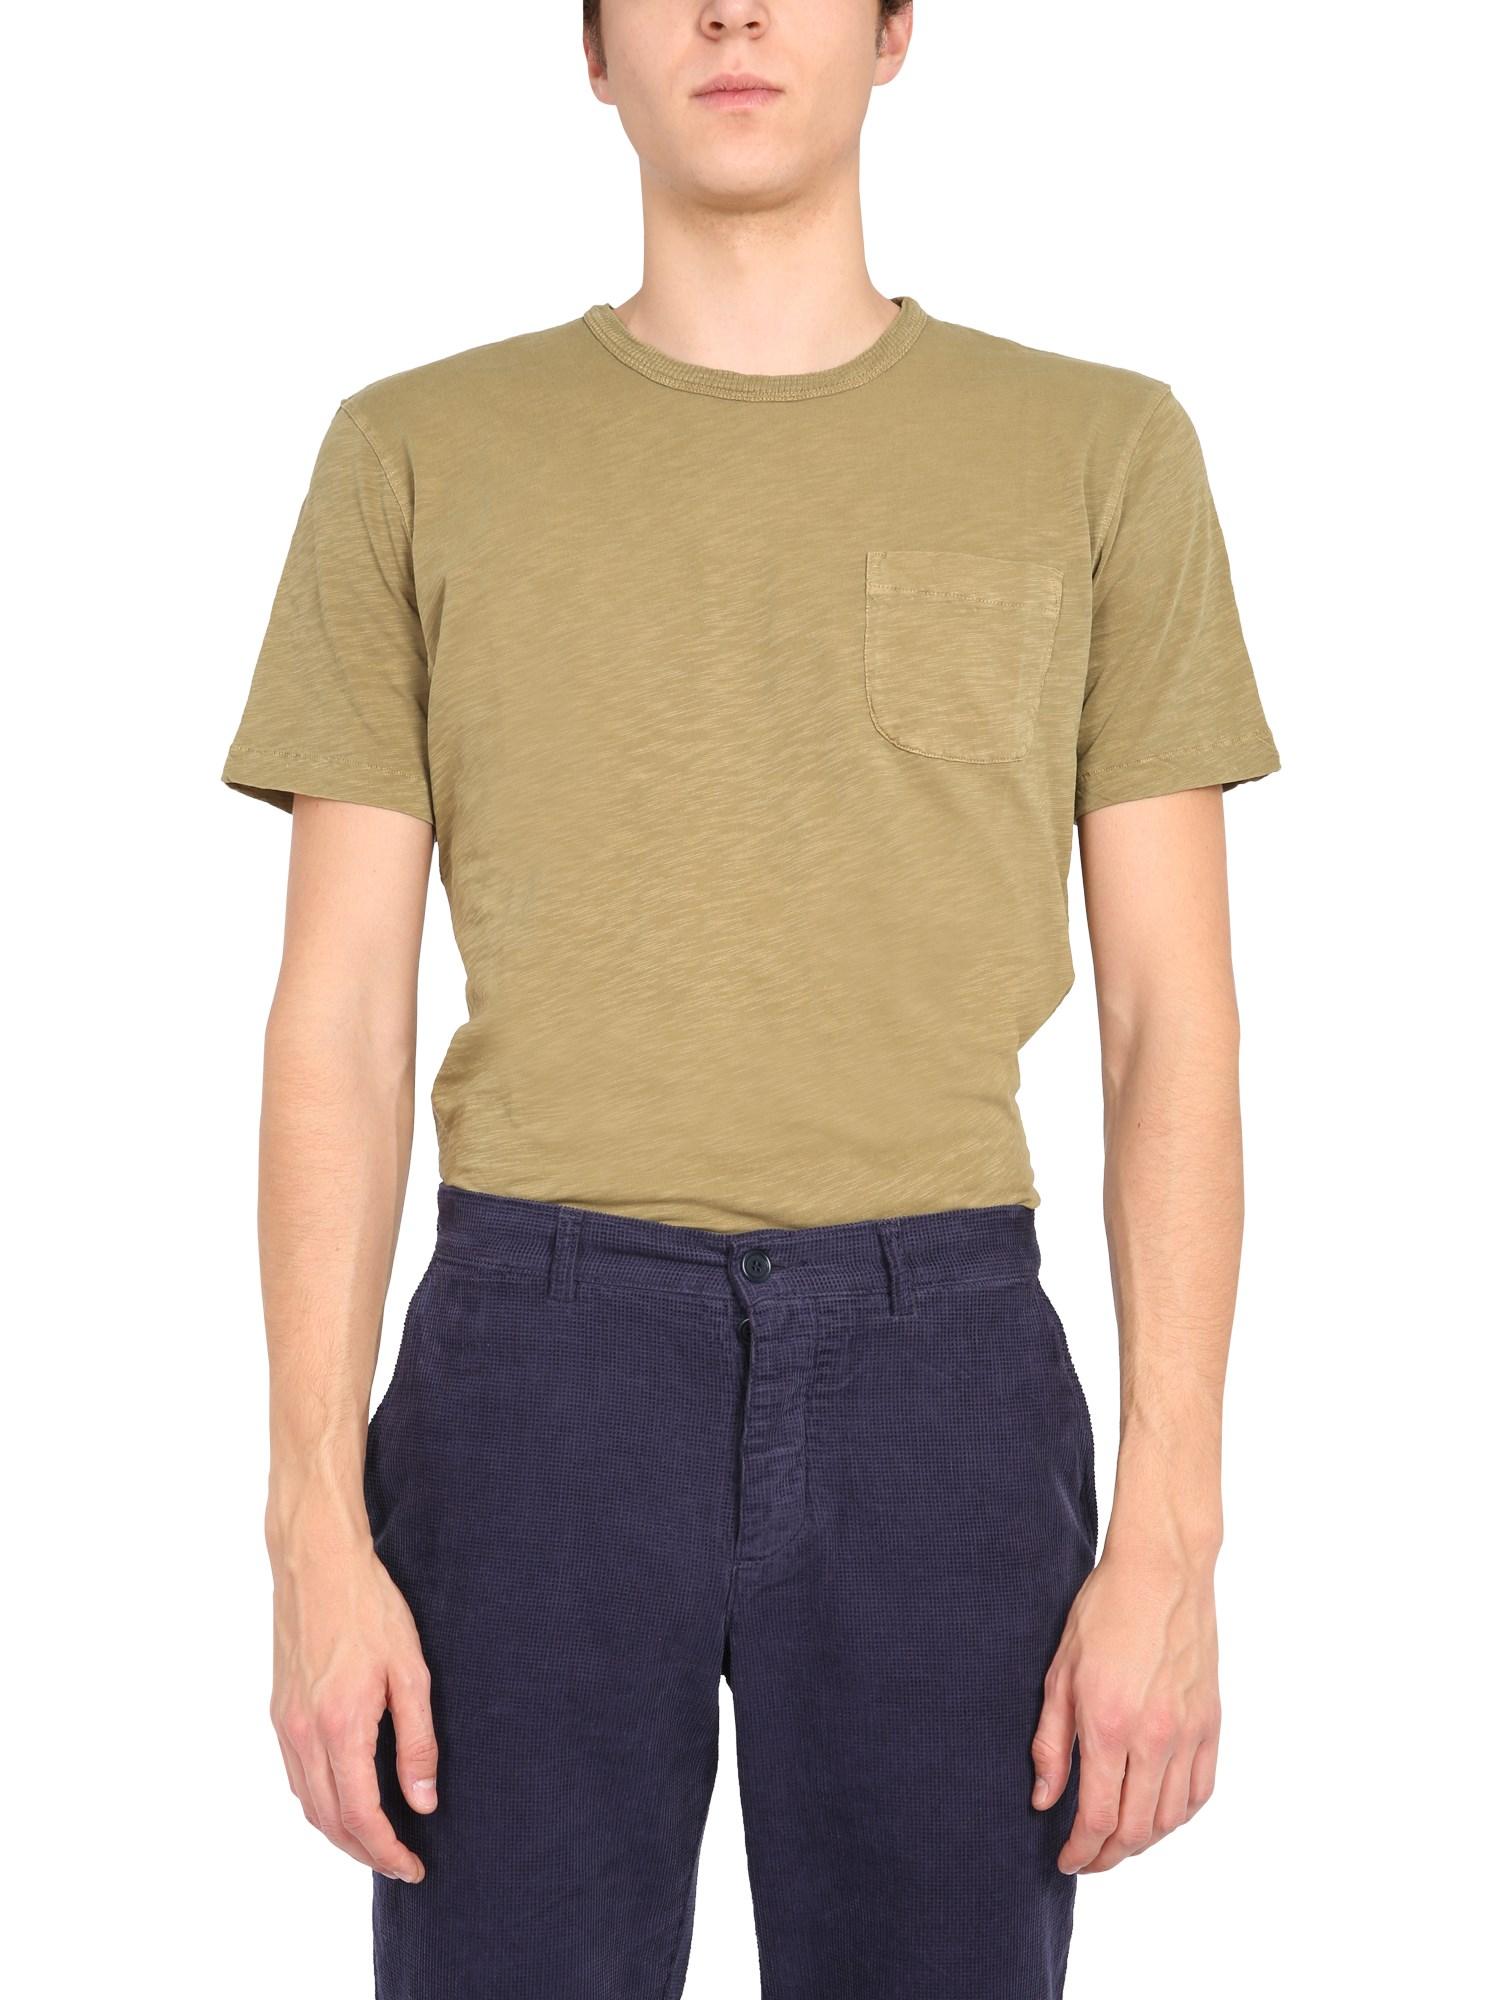 Ymc crew neck t-shirt - ymc - Modalova